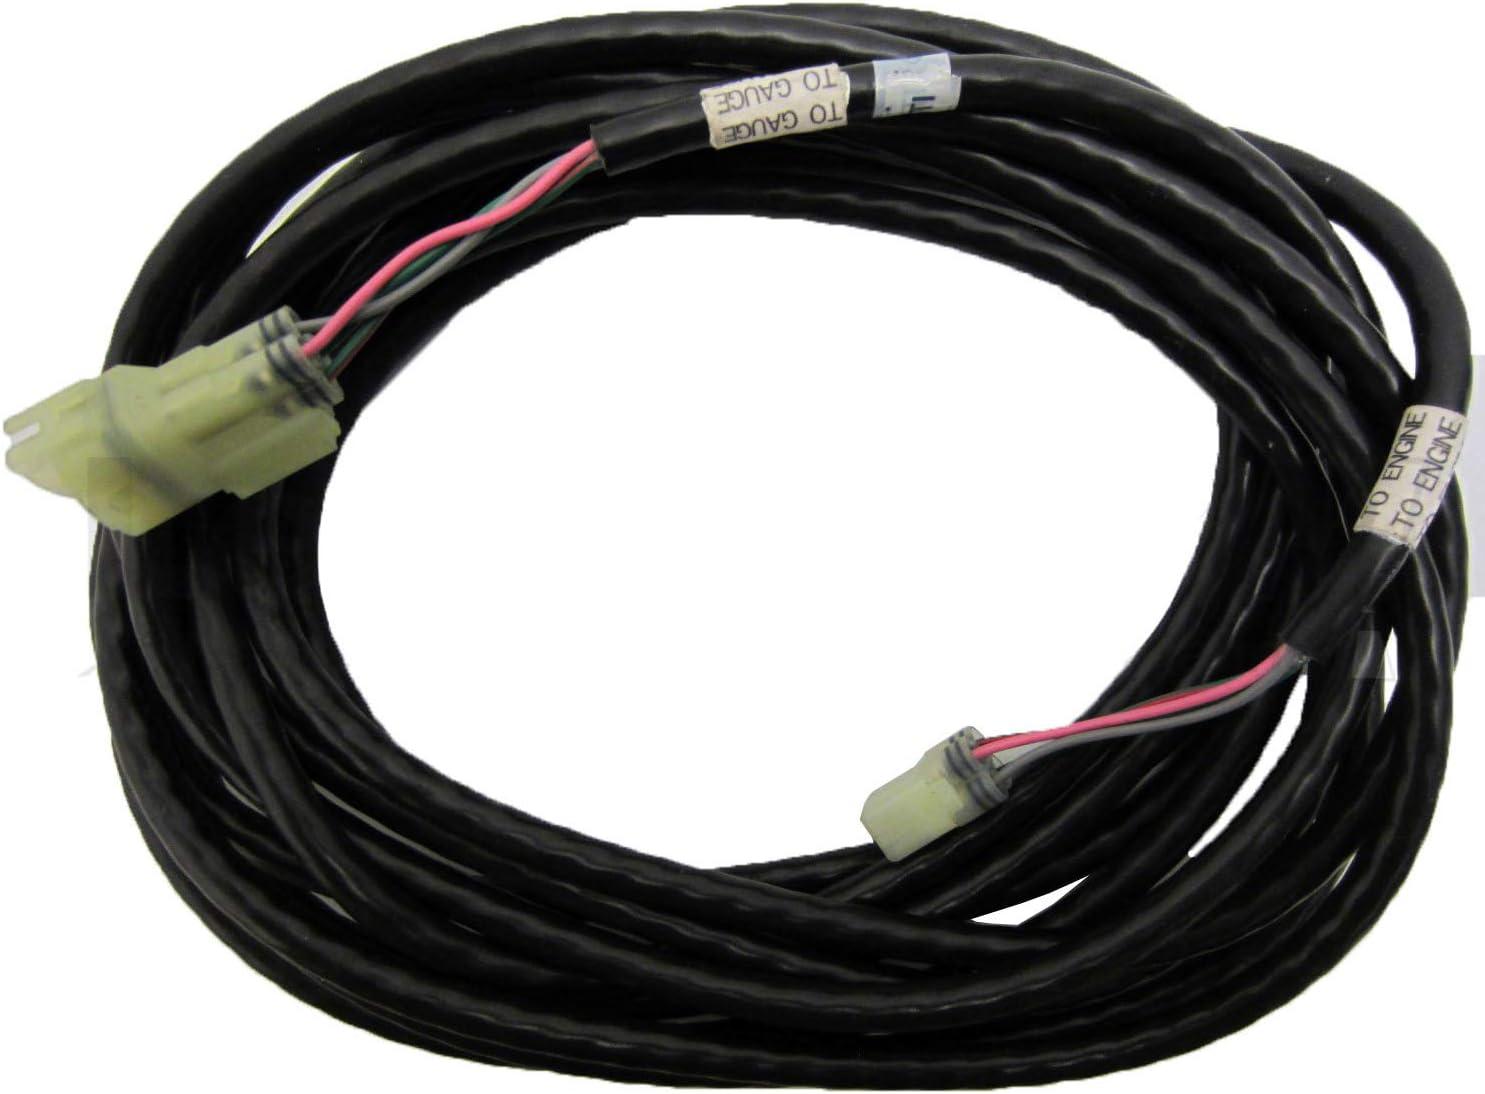 amazon.com: yamaha oem 20' trim & tilt / oil level sender wire harness  cable 20ft 6y5-83653-10-00; 6y5836531000: automotive  amazon.com